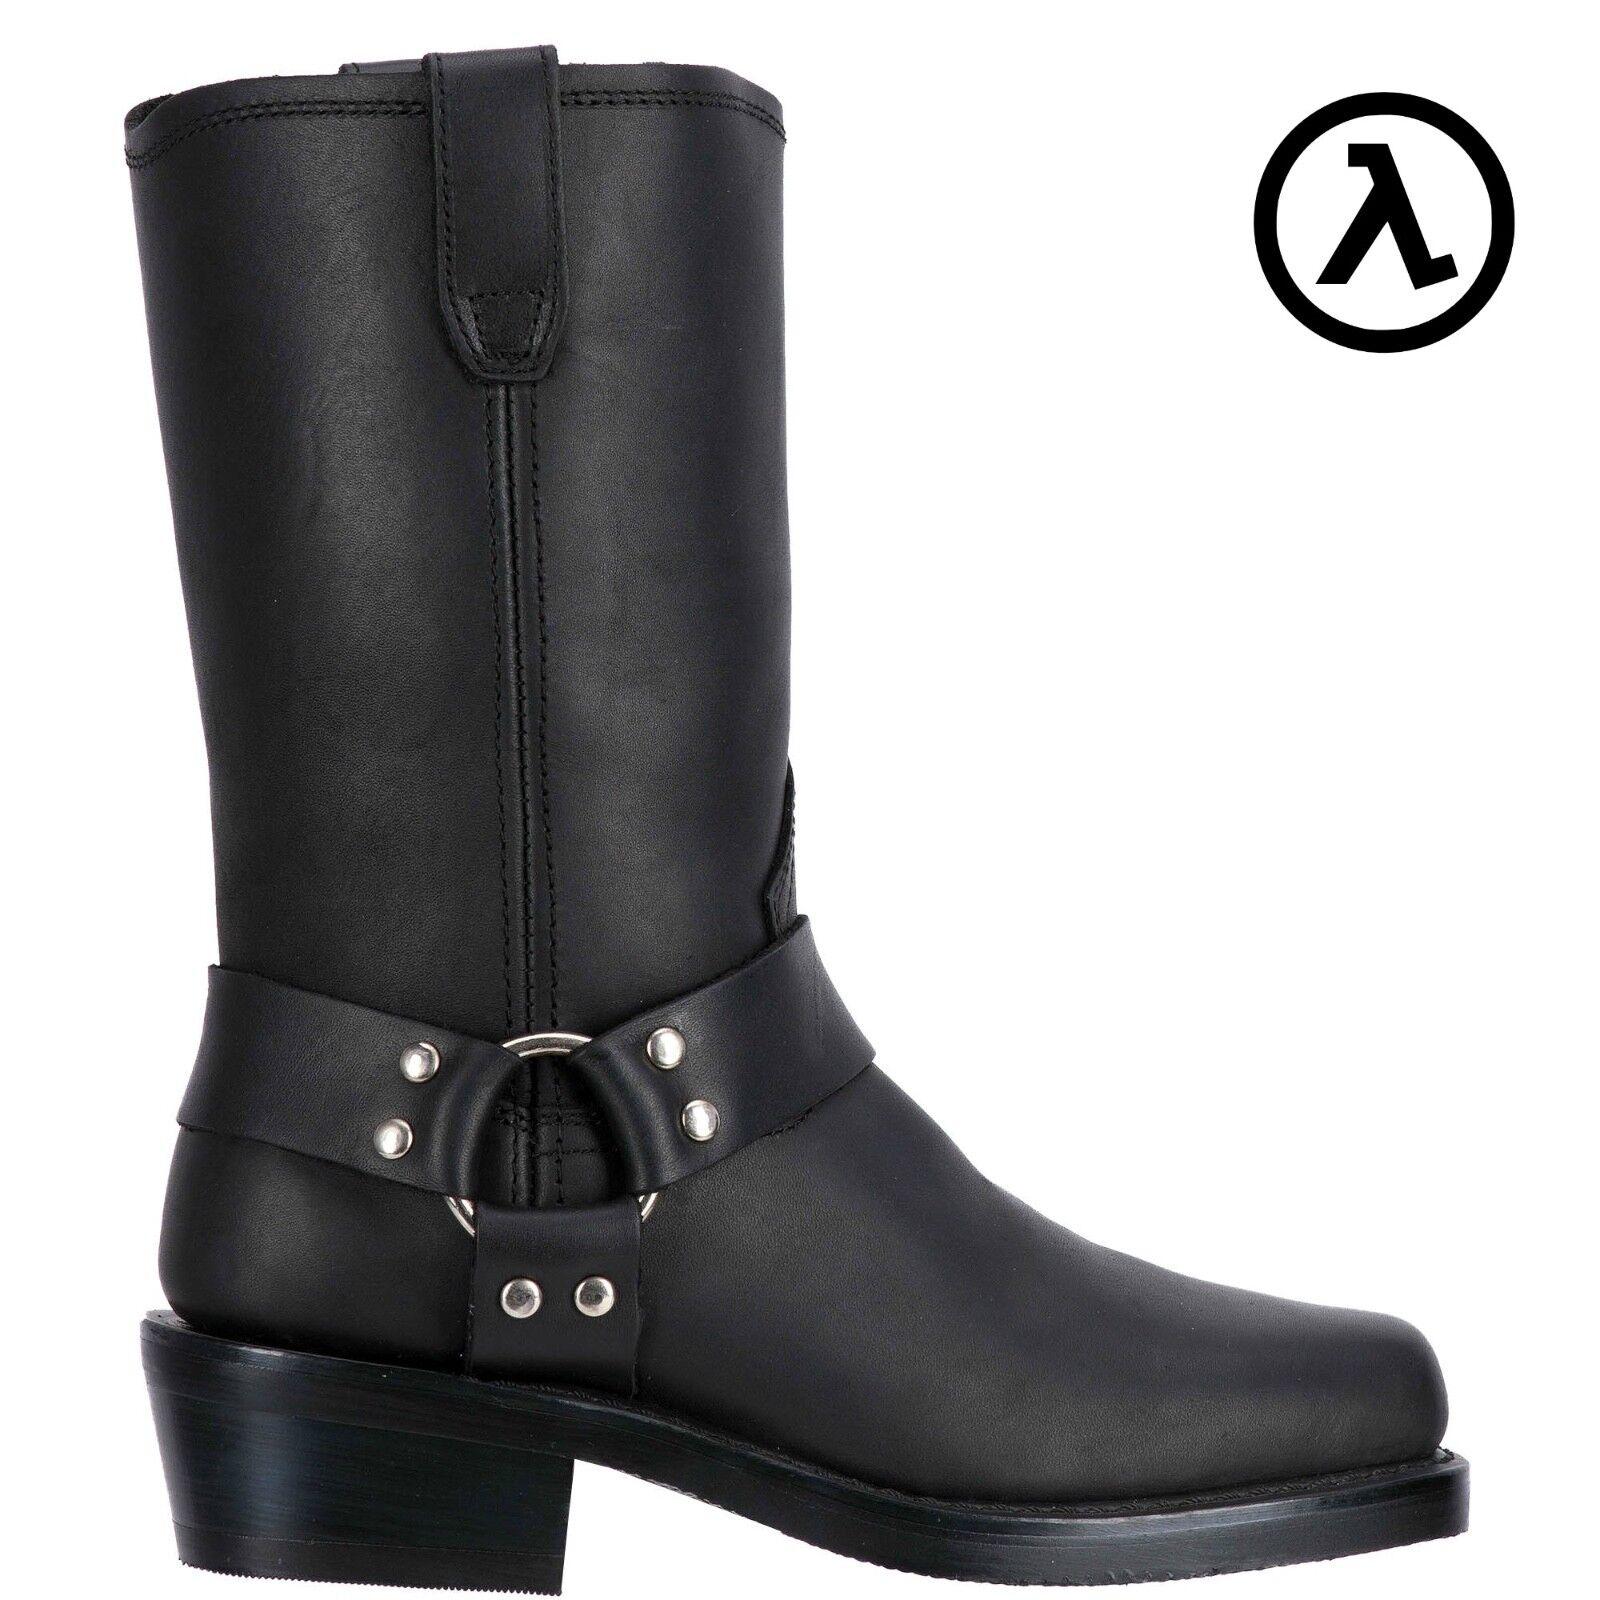 Dingo Molly 10  Arnés De Cuero Negro para Mujer Mujer Mujer botas occidentales DI07370  Todas las Tallas  barato y de alta calidad